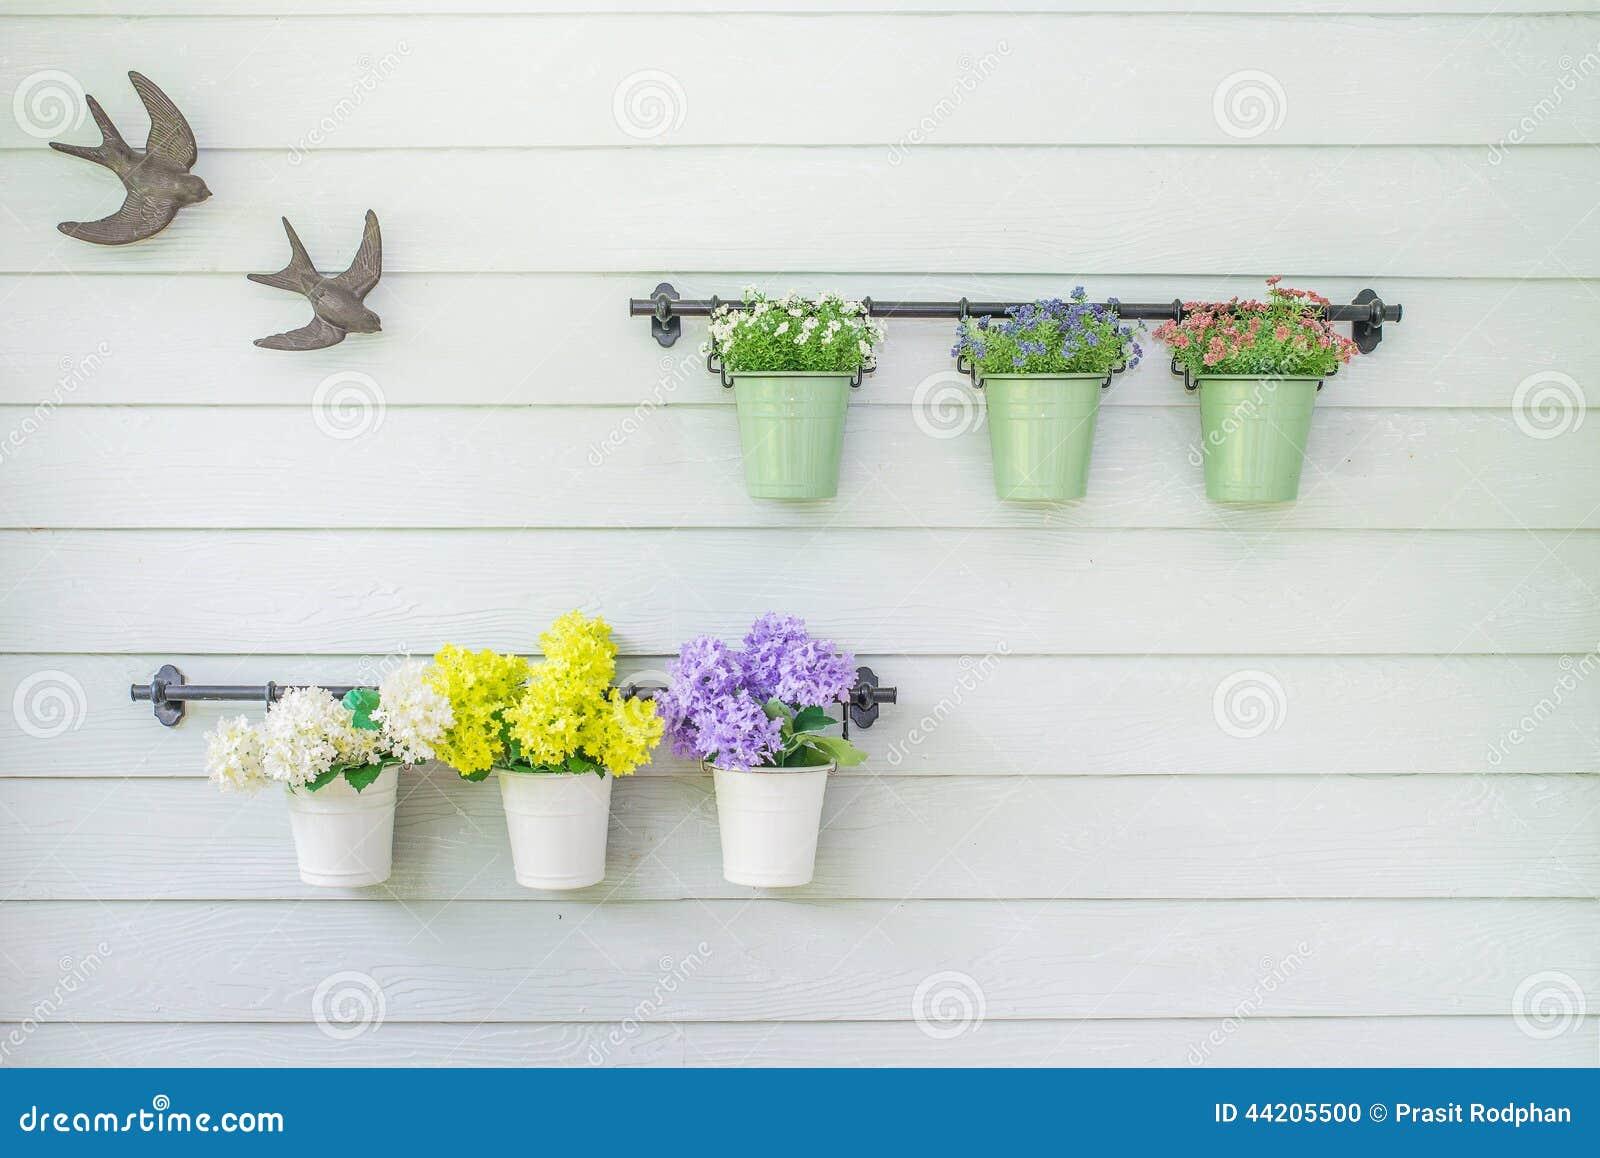 Blumen Im Blumentopf Auf Hölzerner Wand Stockfoto - Bild von blume ...